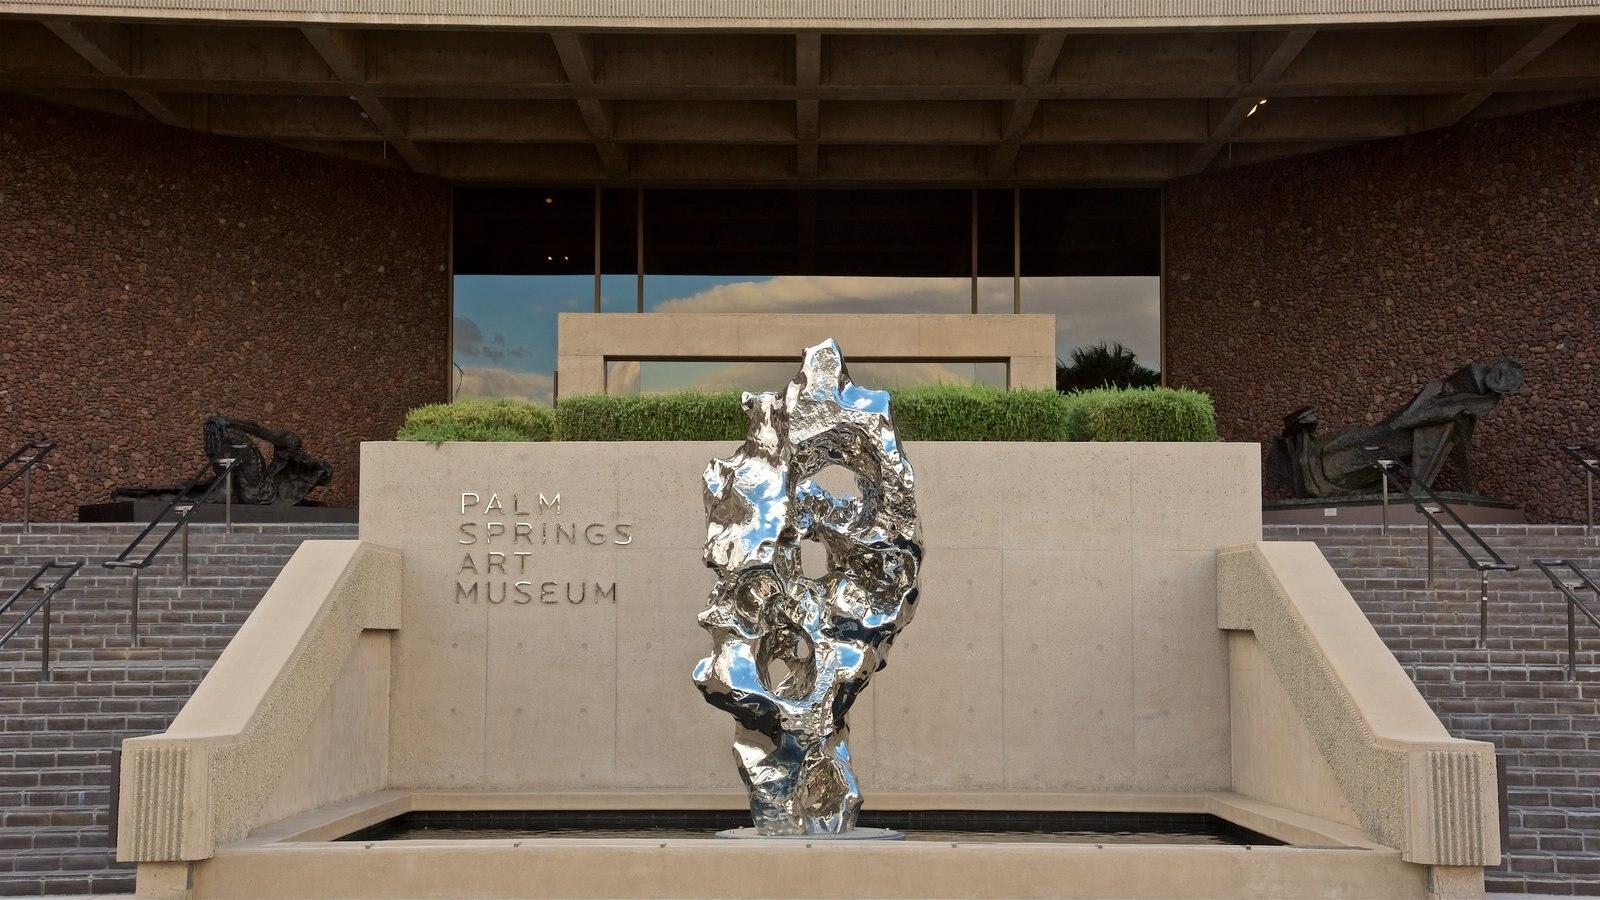 Palm Springs Art Museum que inclui arte ao ar livre